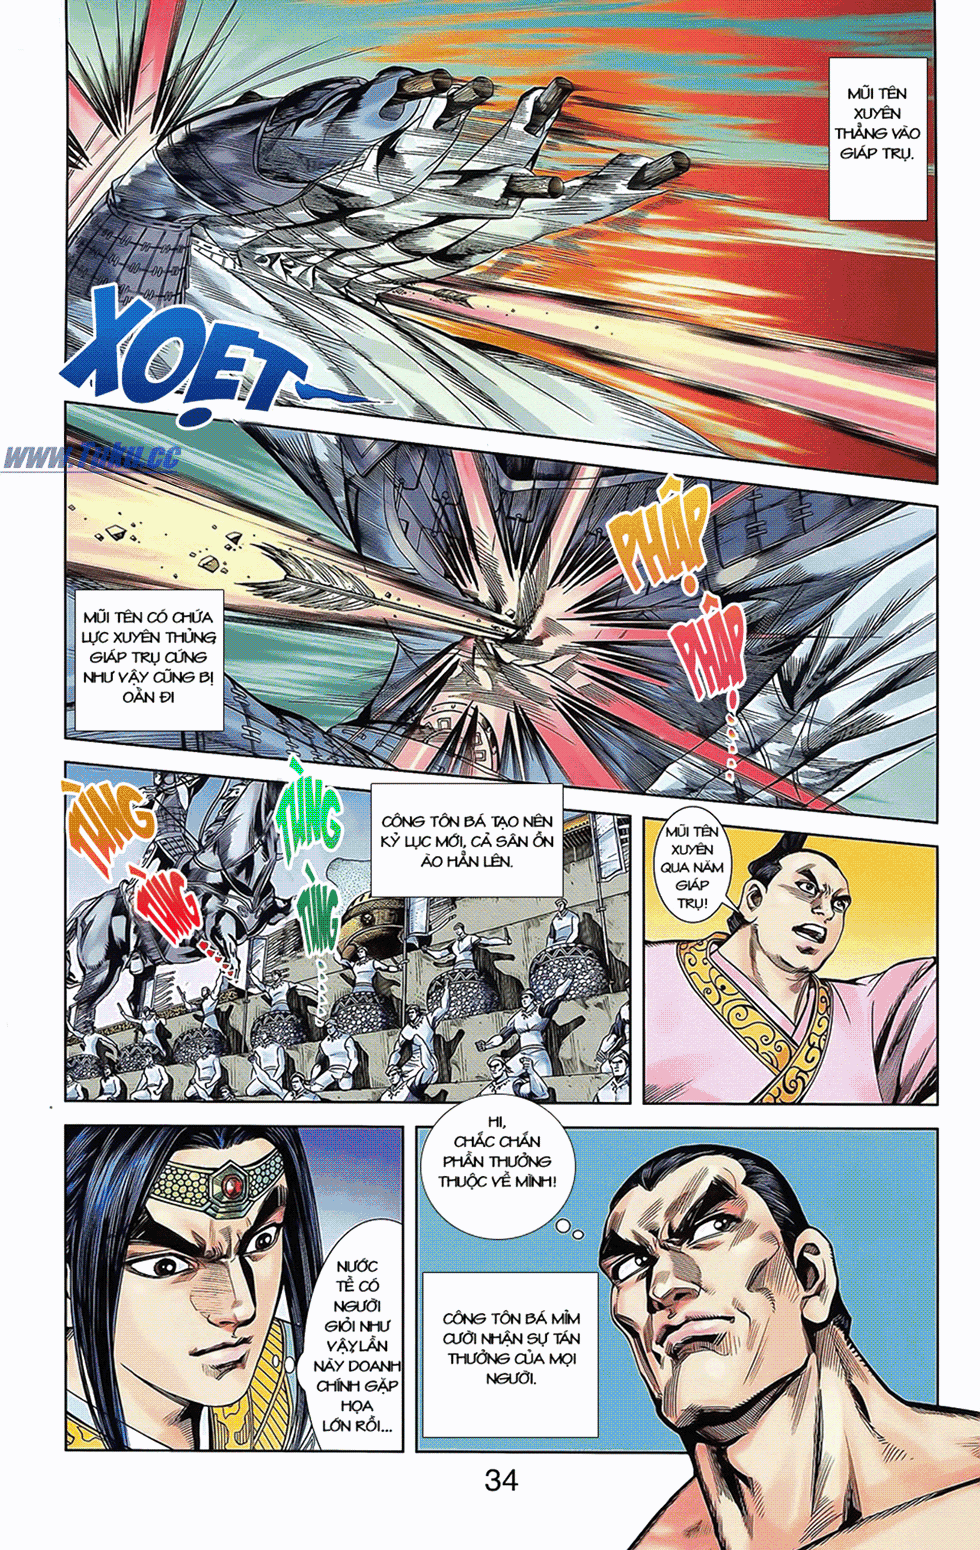 Tần Vương Doanh Chính chapter 6 trang 22